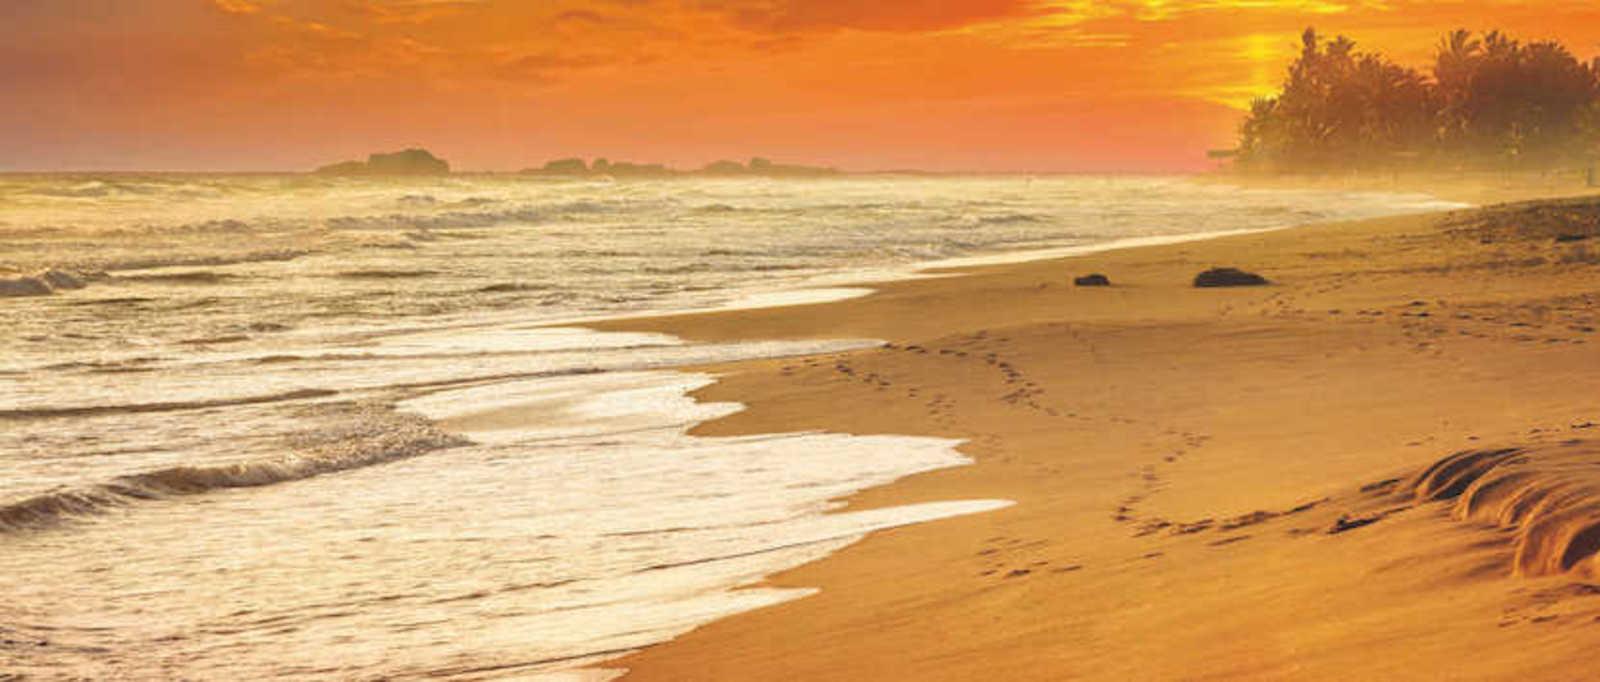 Sri Lanka's world-famous beaches